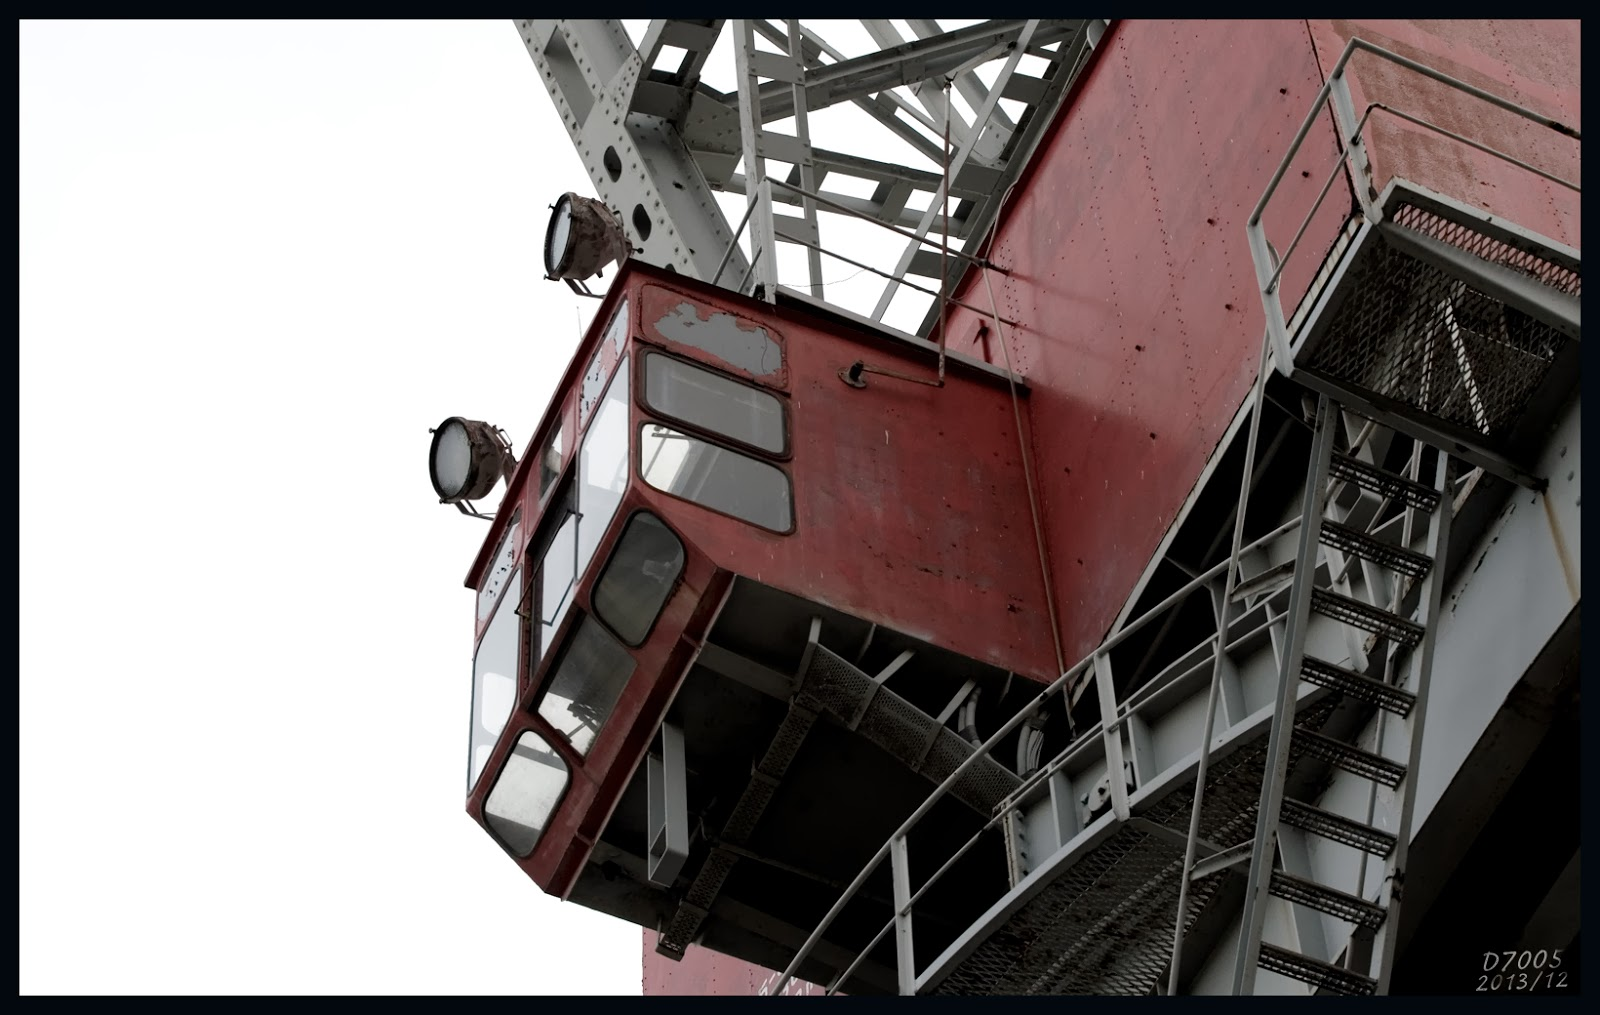 VALOKUVAUS: Helsinki - hietalahden telakka